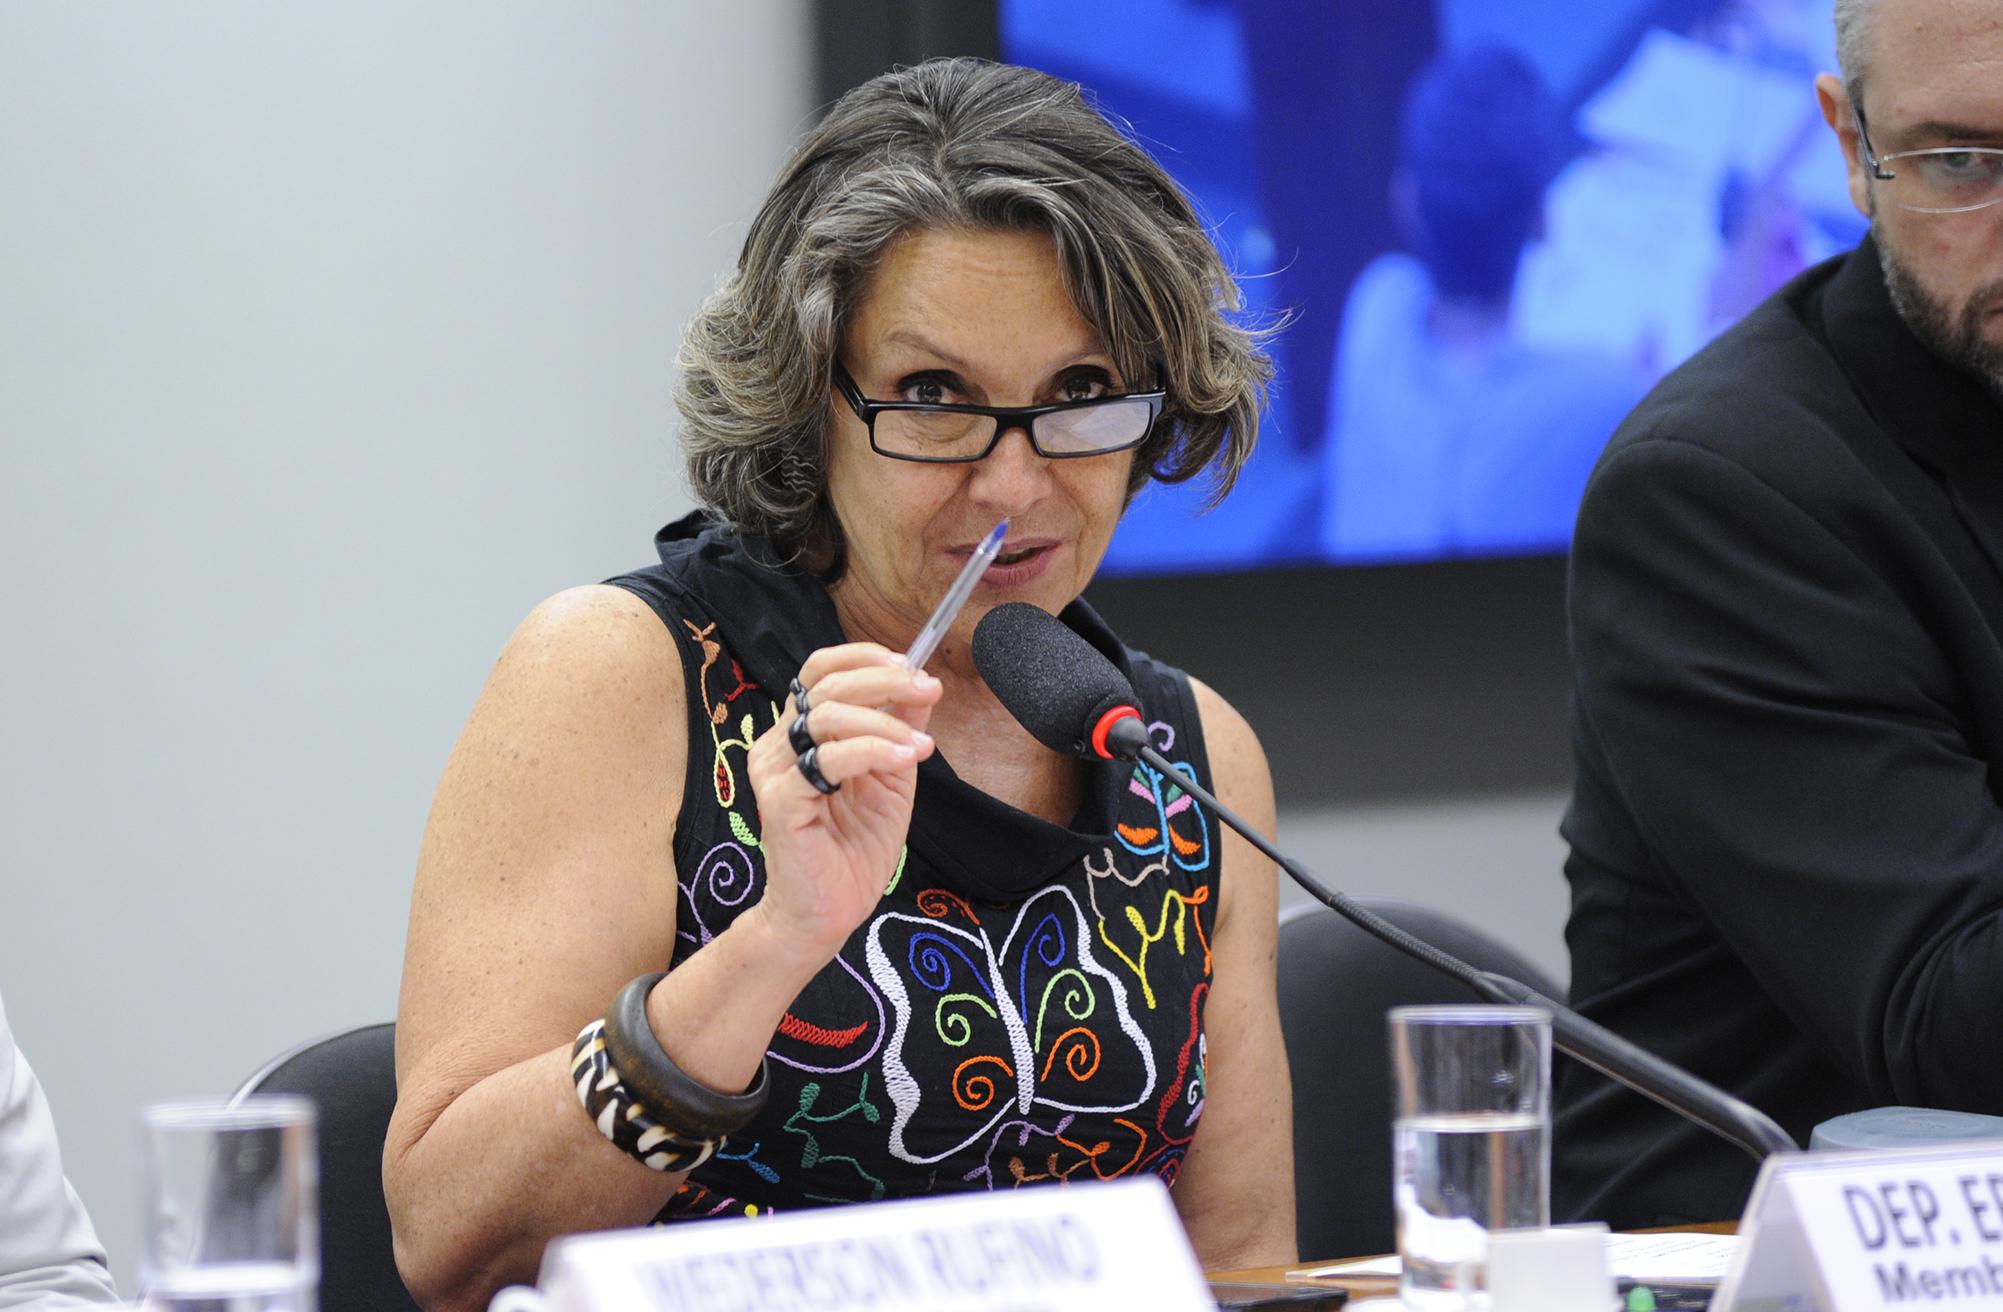 Audiência pública para debater a a incidência da AIDS entre as Pessoas com Deficiência. Dep. Erika kokay (PT-DF)